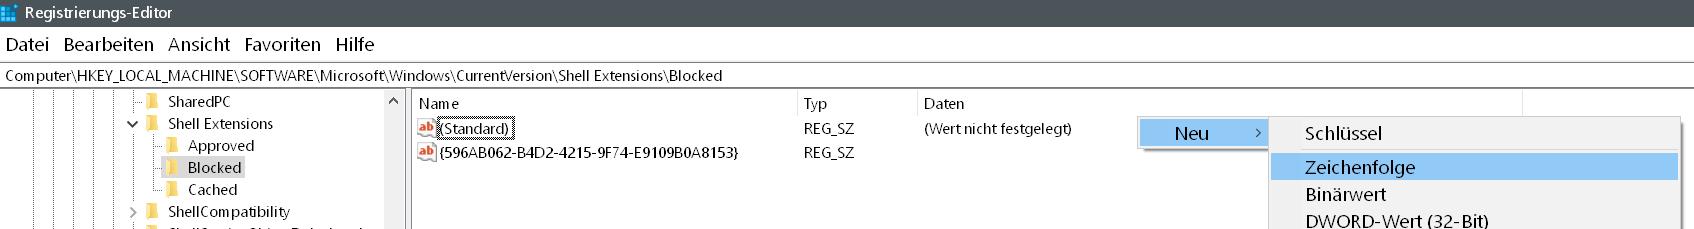 neue zeichenfolge - Wiedergabe auf Gerät entfernen Windows 10